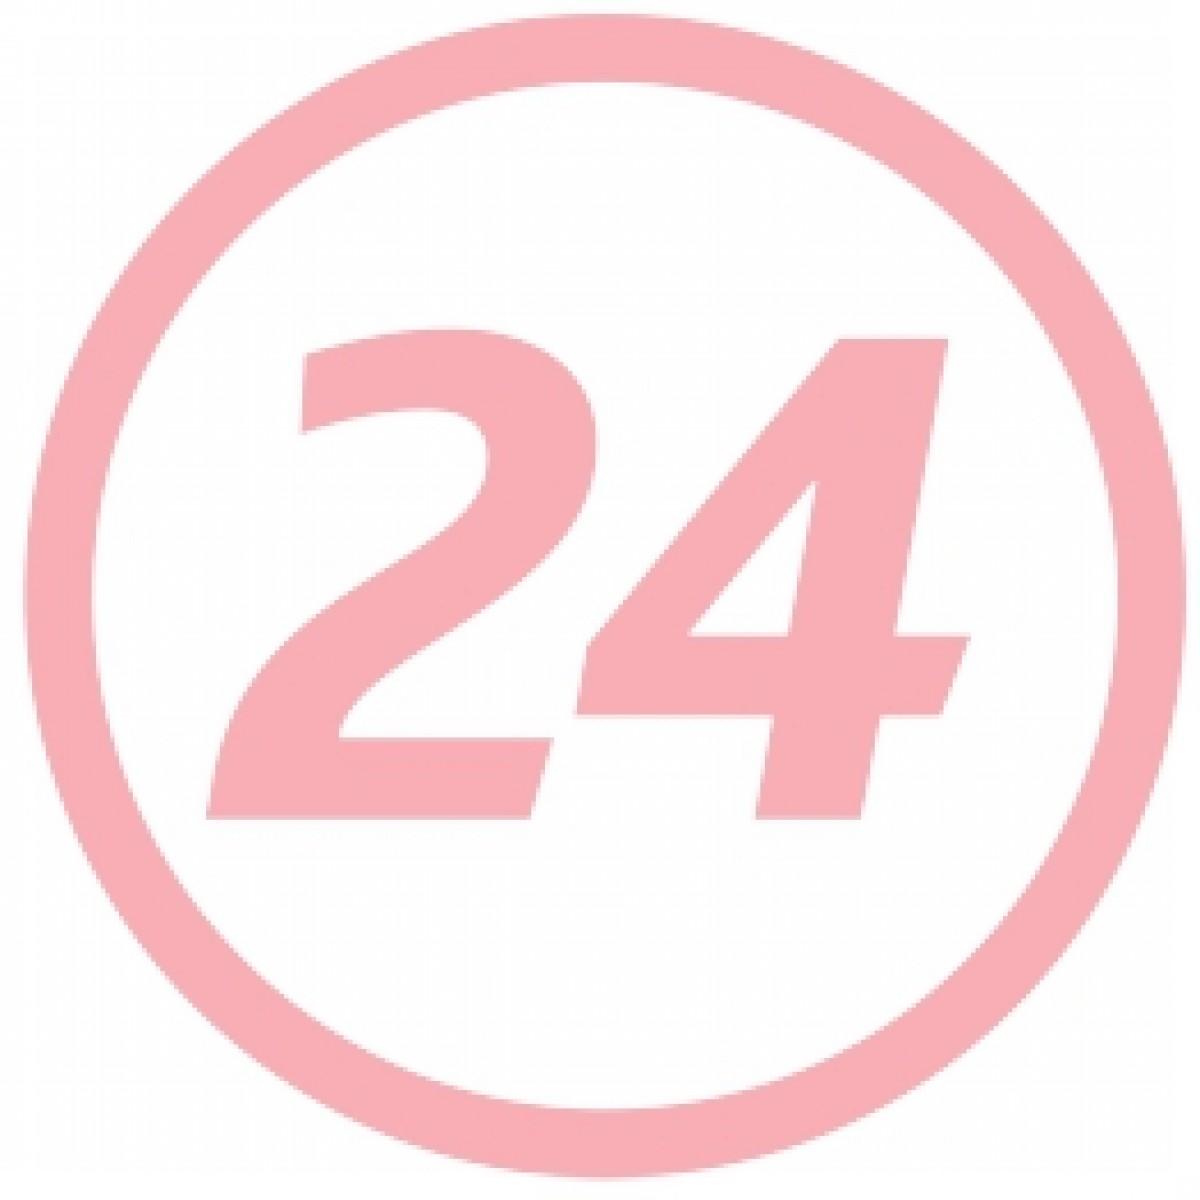 La Roche - Posay ANTHELIOS Ulei Nutritiv Incolor SPF 30+, Ulei, 200ml